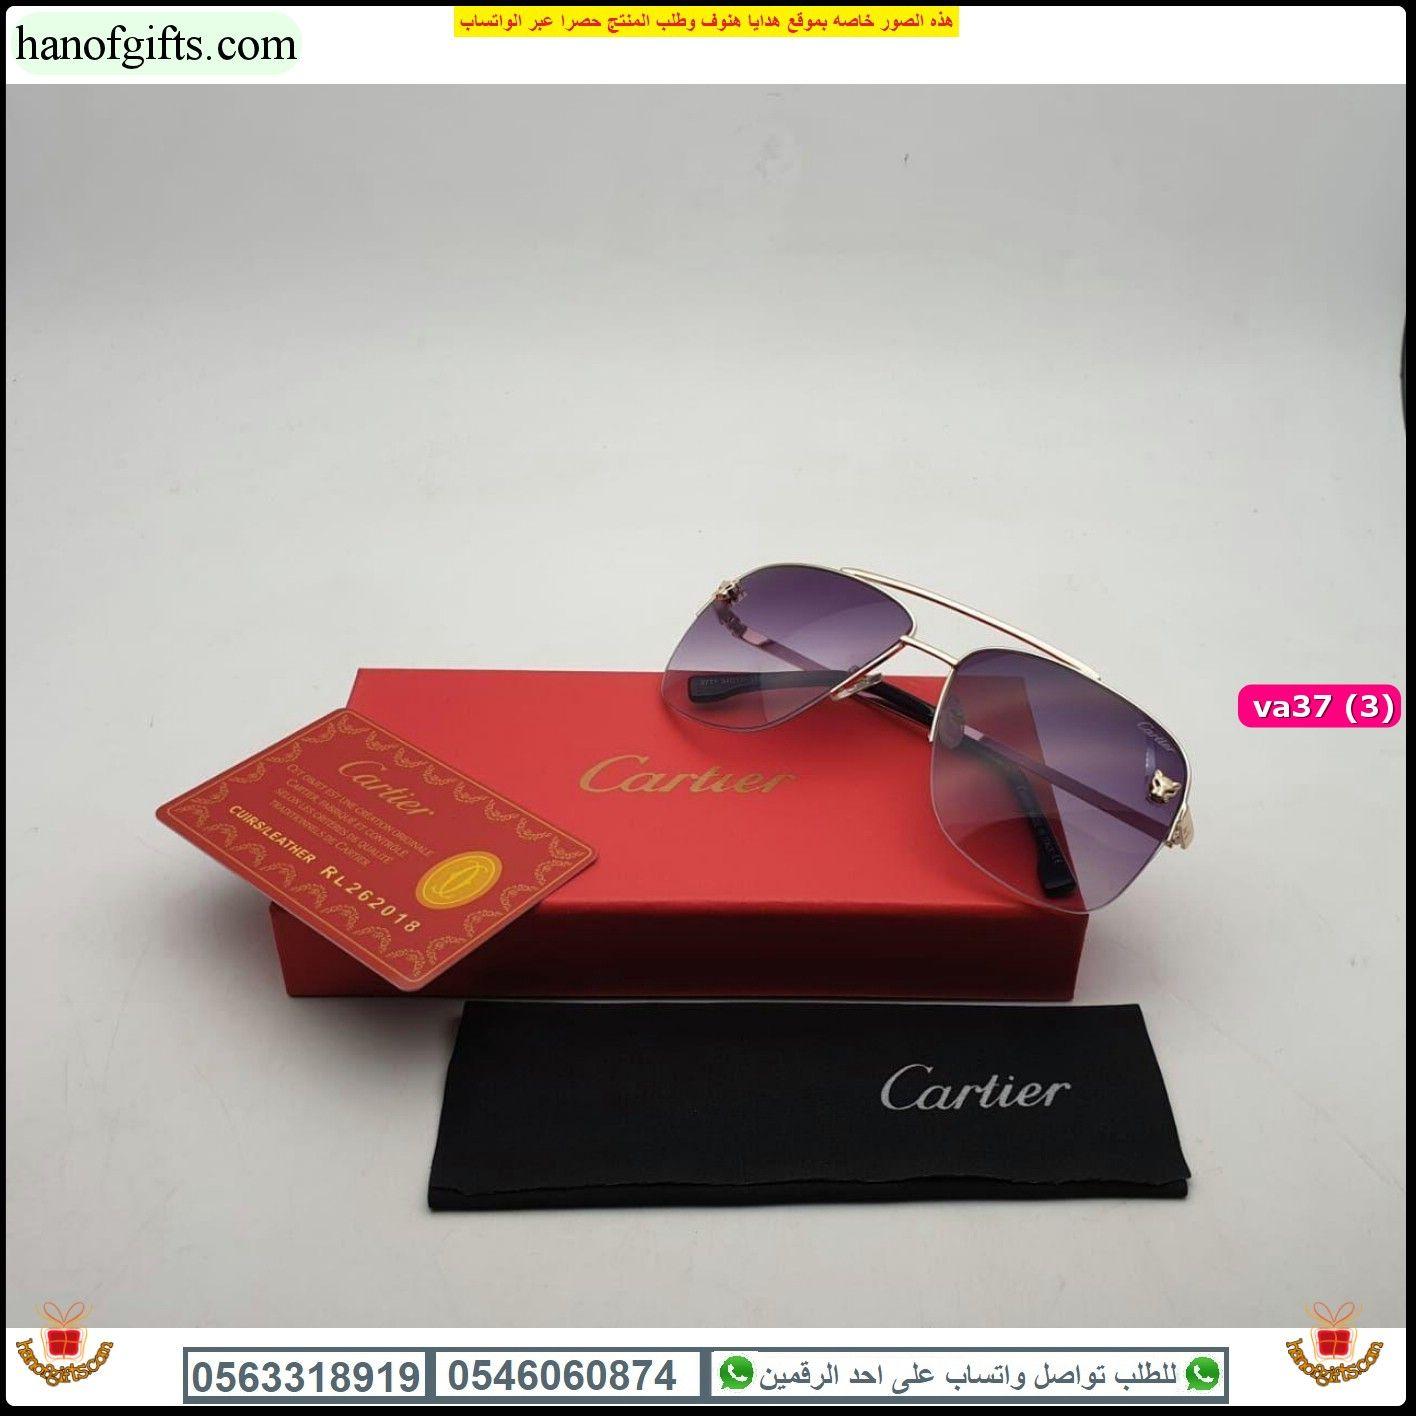 نظارات كارتير رجالي مع جميع ملحقاتها بنفس الاسم هدايا هنوف Glasses Sunglasses